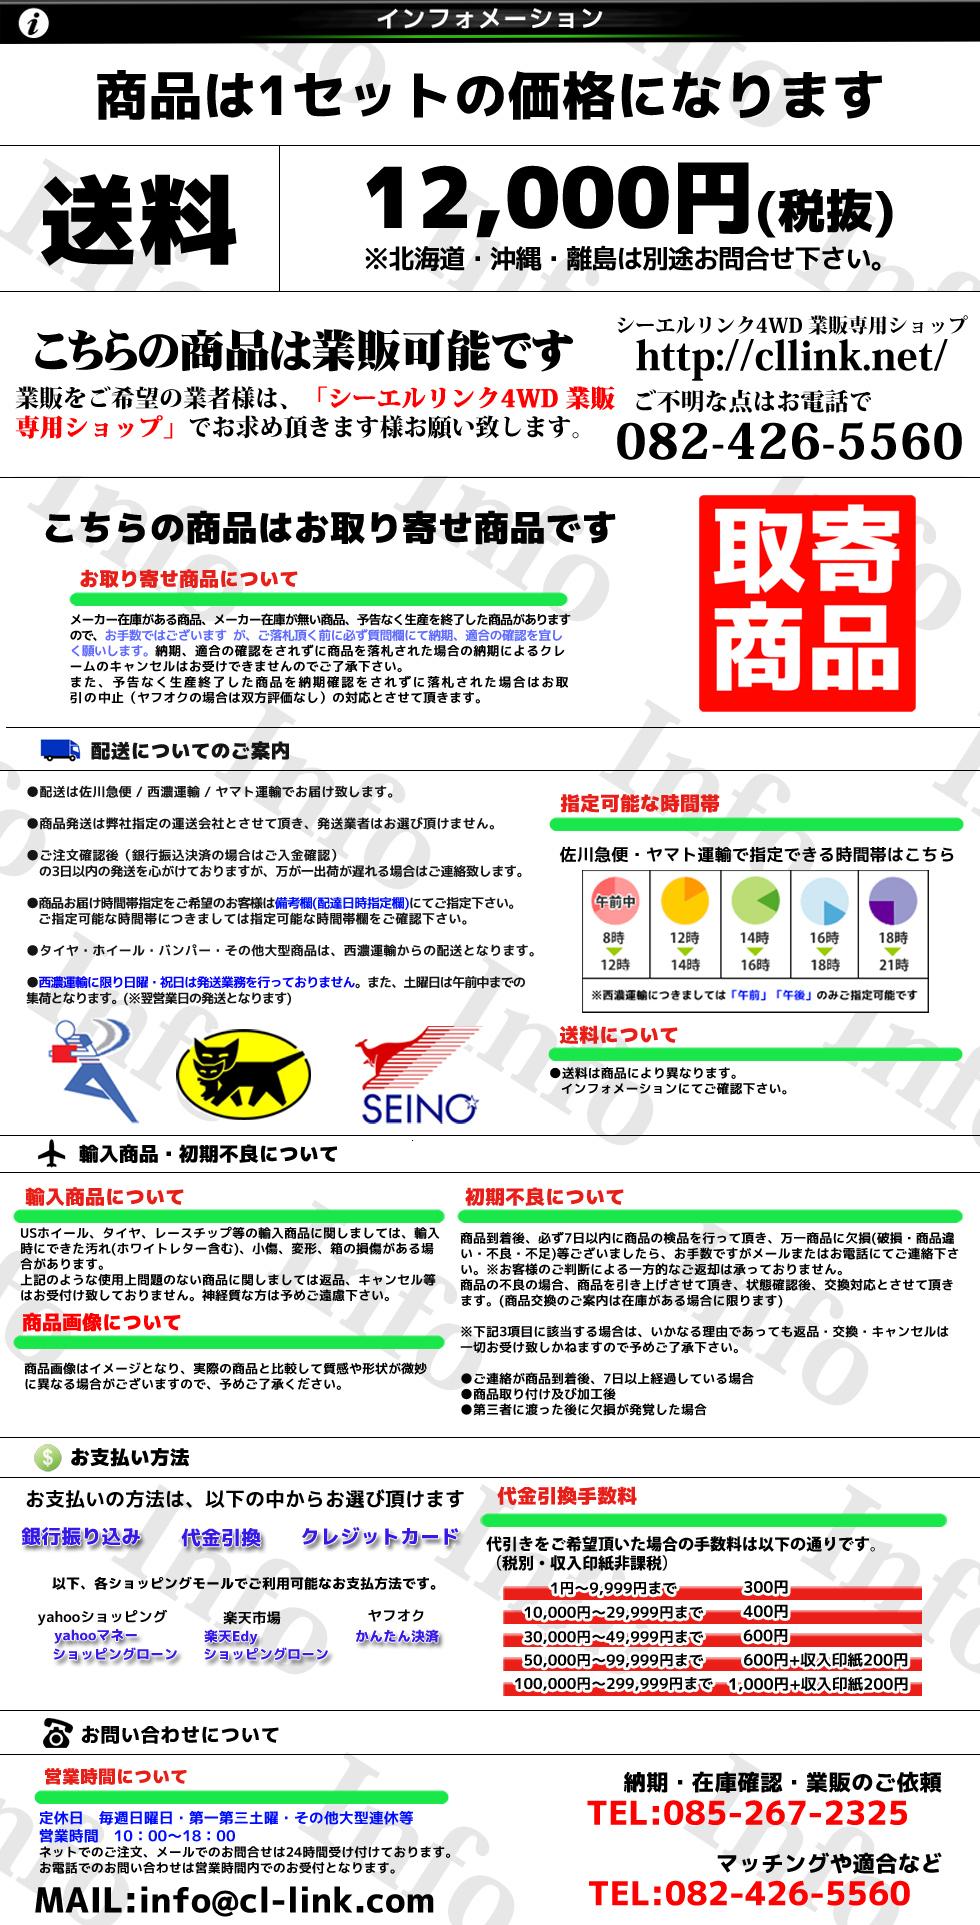 12000円インフォメーション